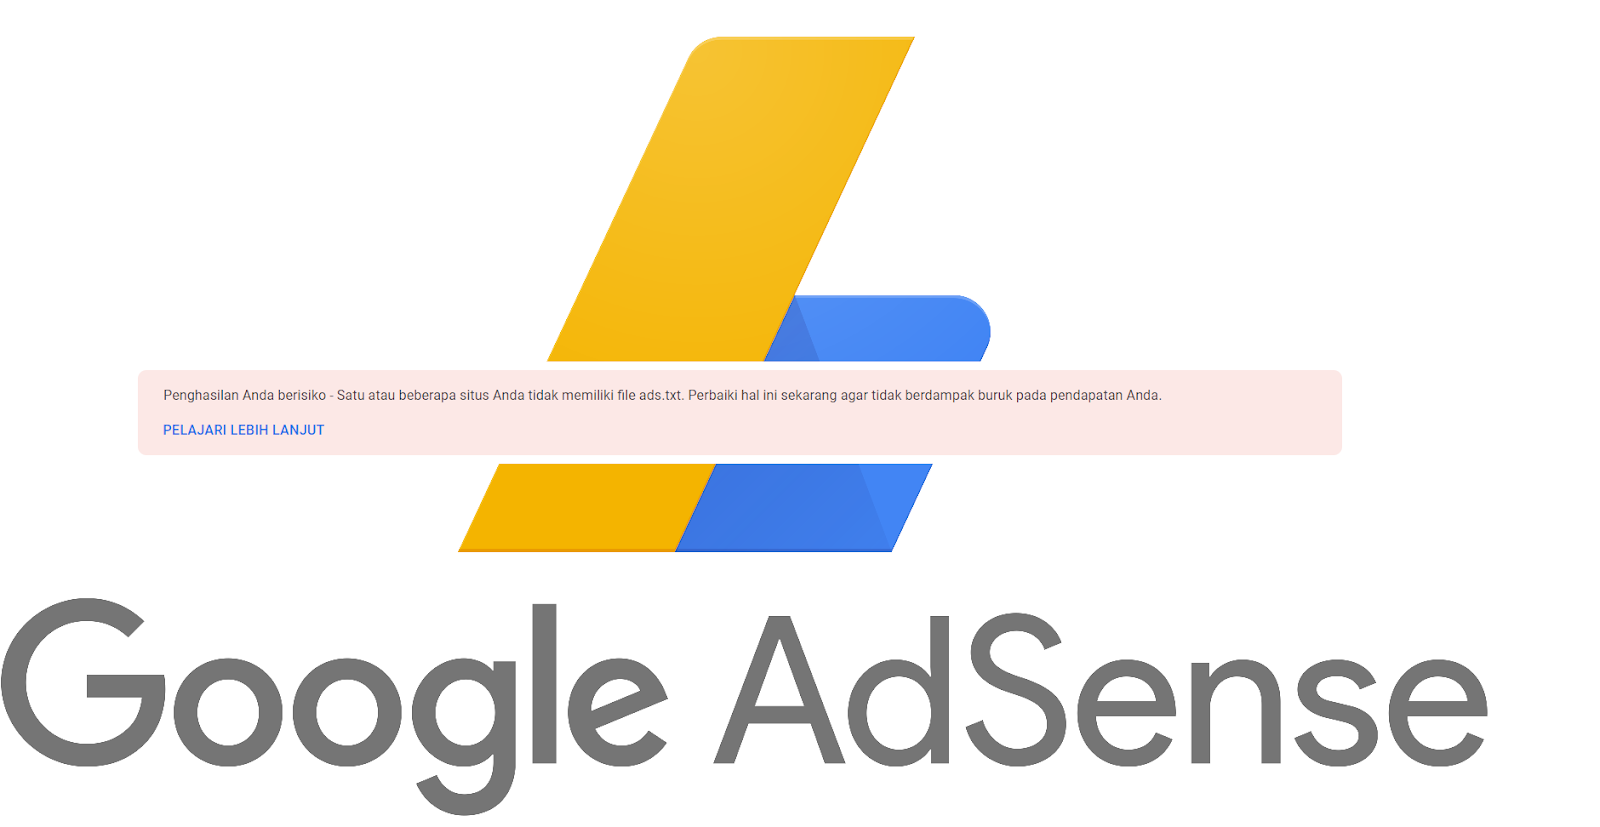 """cara mengatasi """"Penghasilan Anda berisiko - Satu atau beberapa situs Anda tidak memiliki file ads.txt"""""""